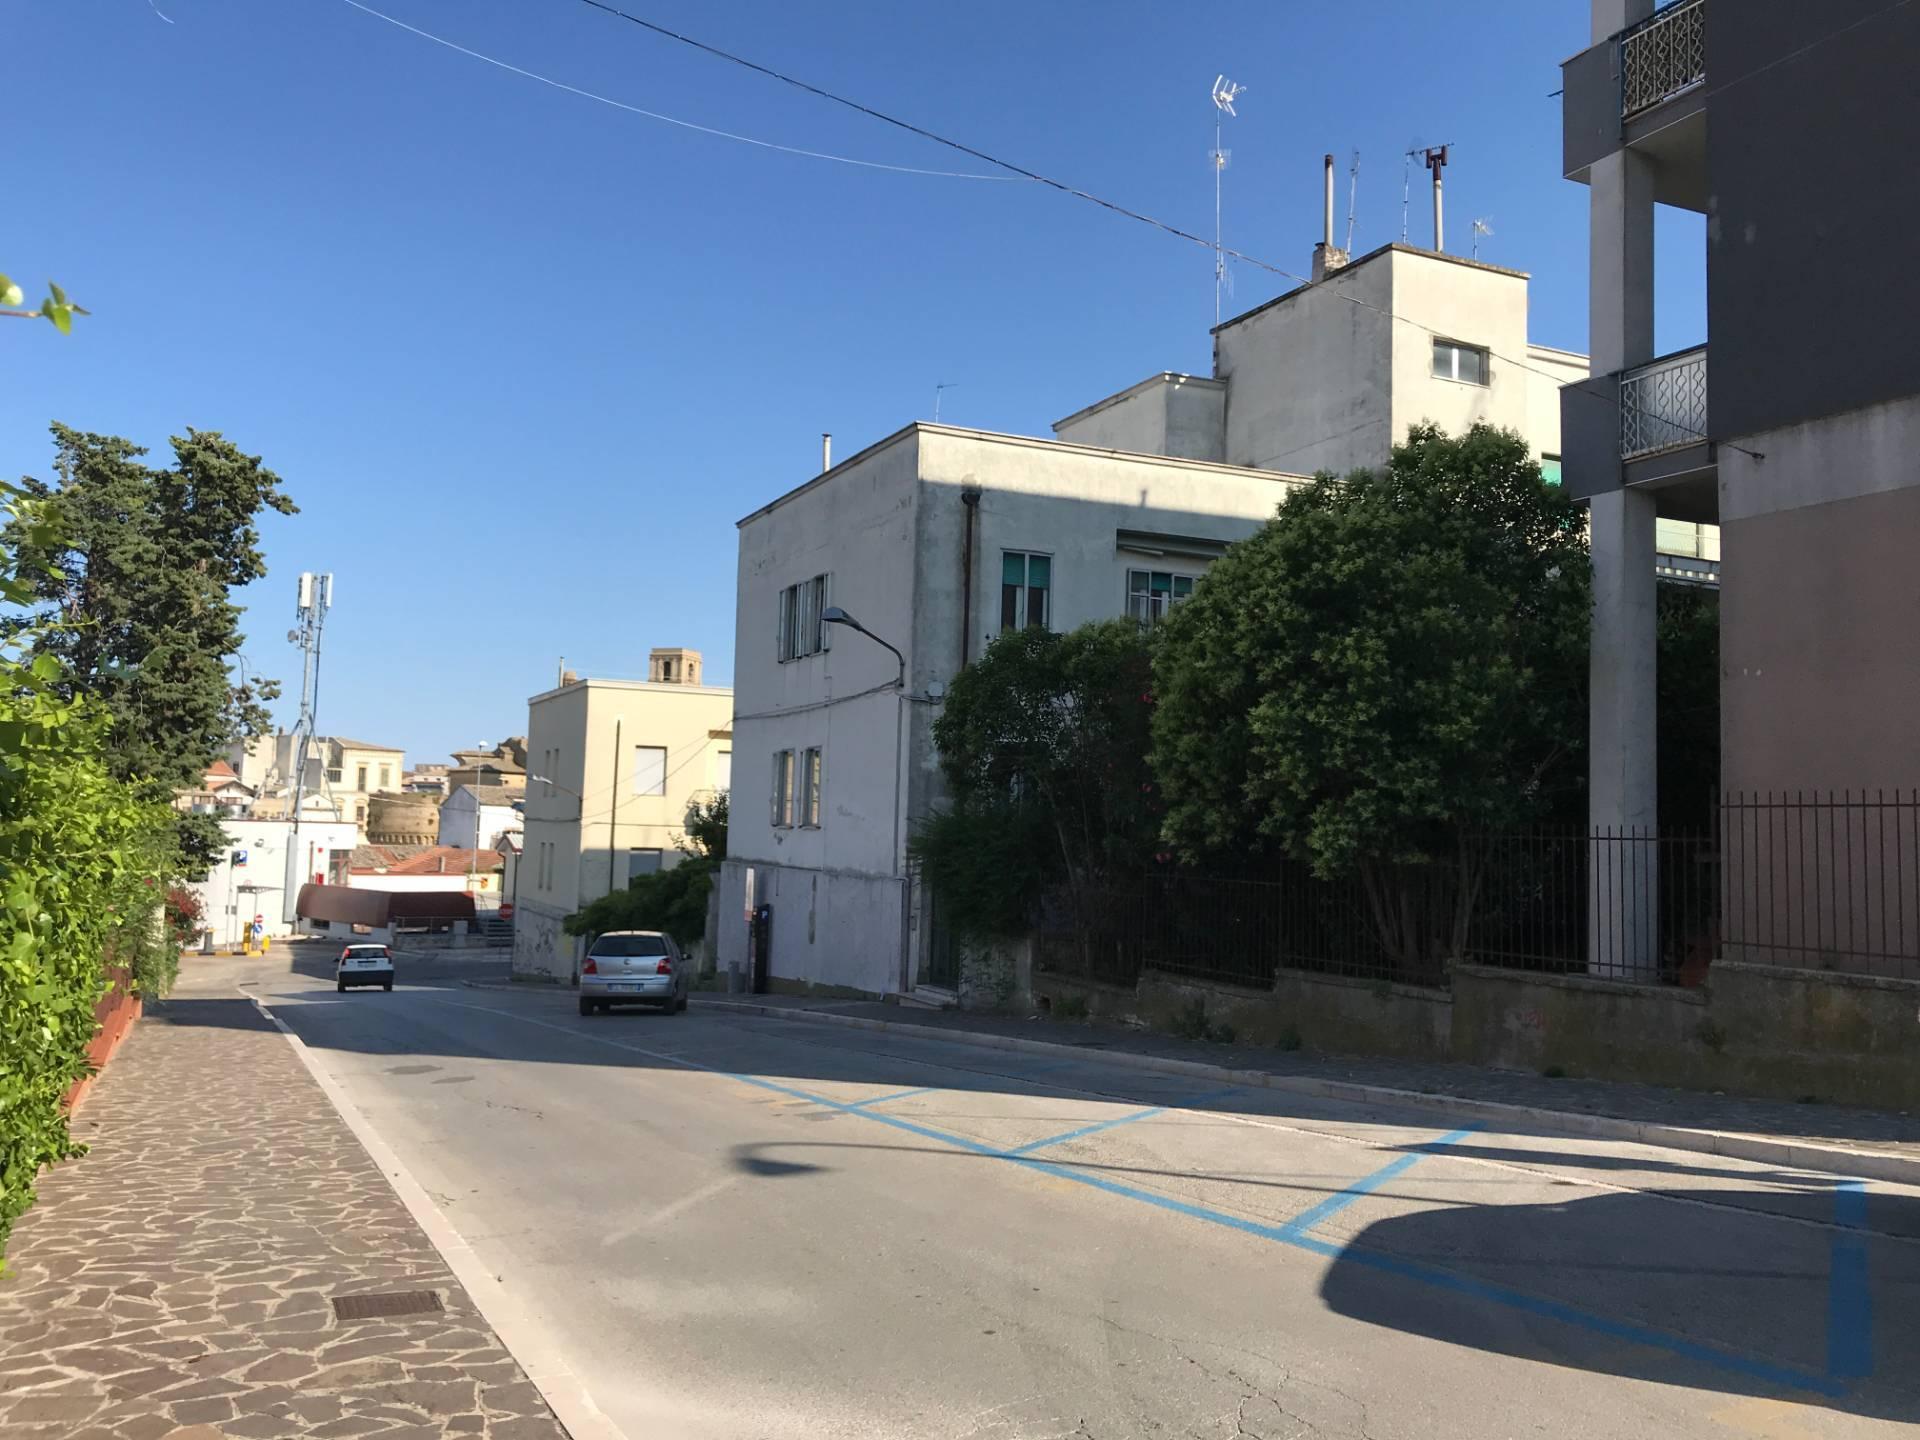 Appartamento in vendita a Vasto, 5 locali, zona Località: ZONACENTRALE, prezzo € 9.000 | CambioCasa.it